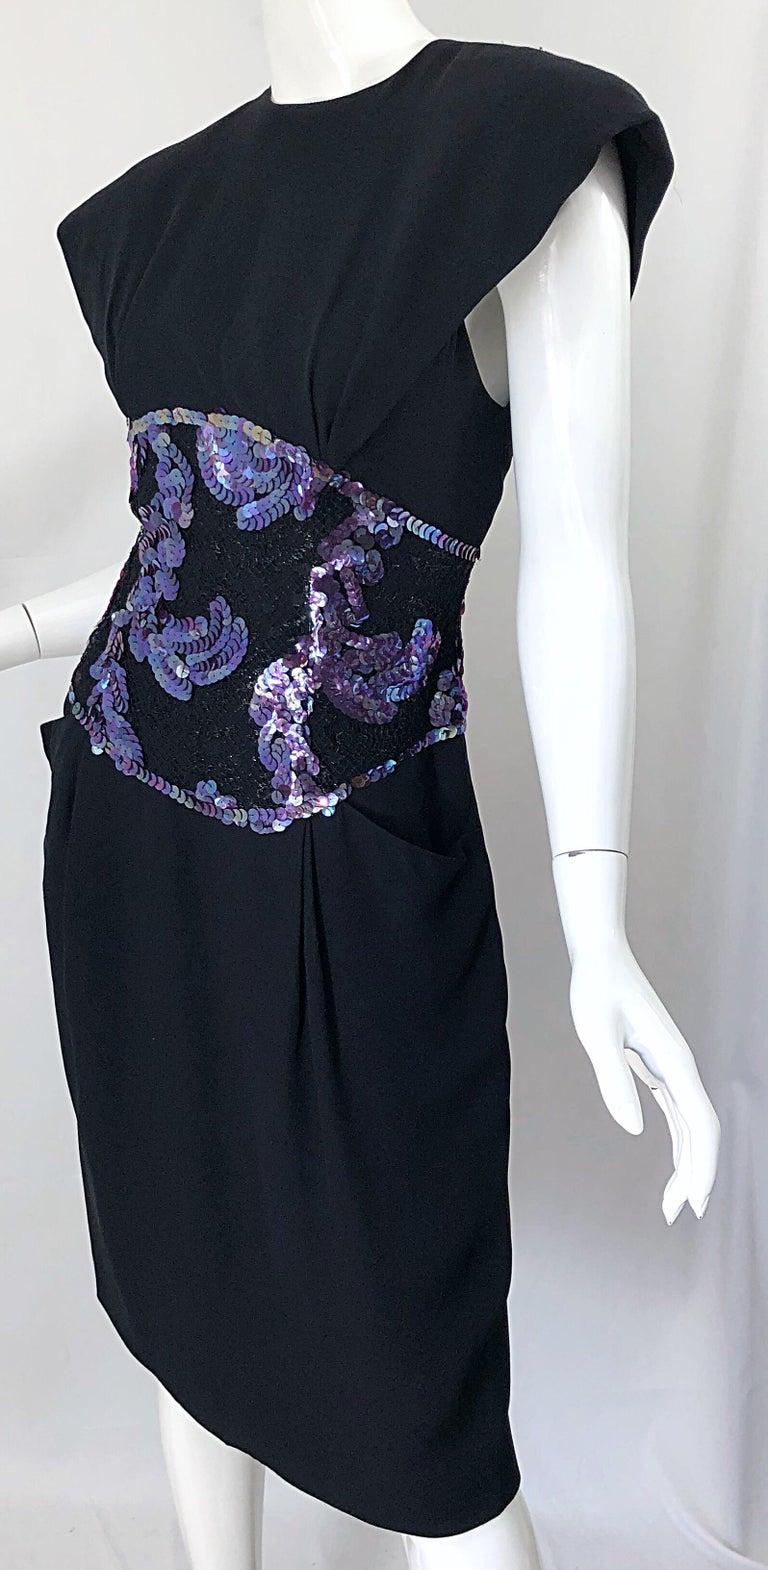 Vintage Geoffrey Beene Size 10 Avant Garde Black Purple Sequin Lace Silk Dress For Sale 2